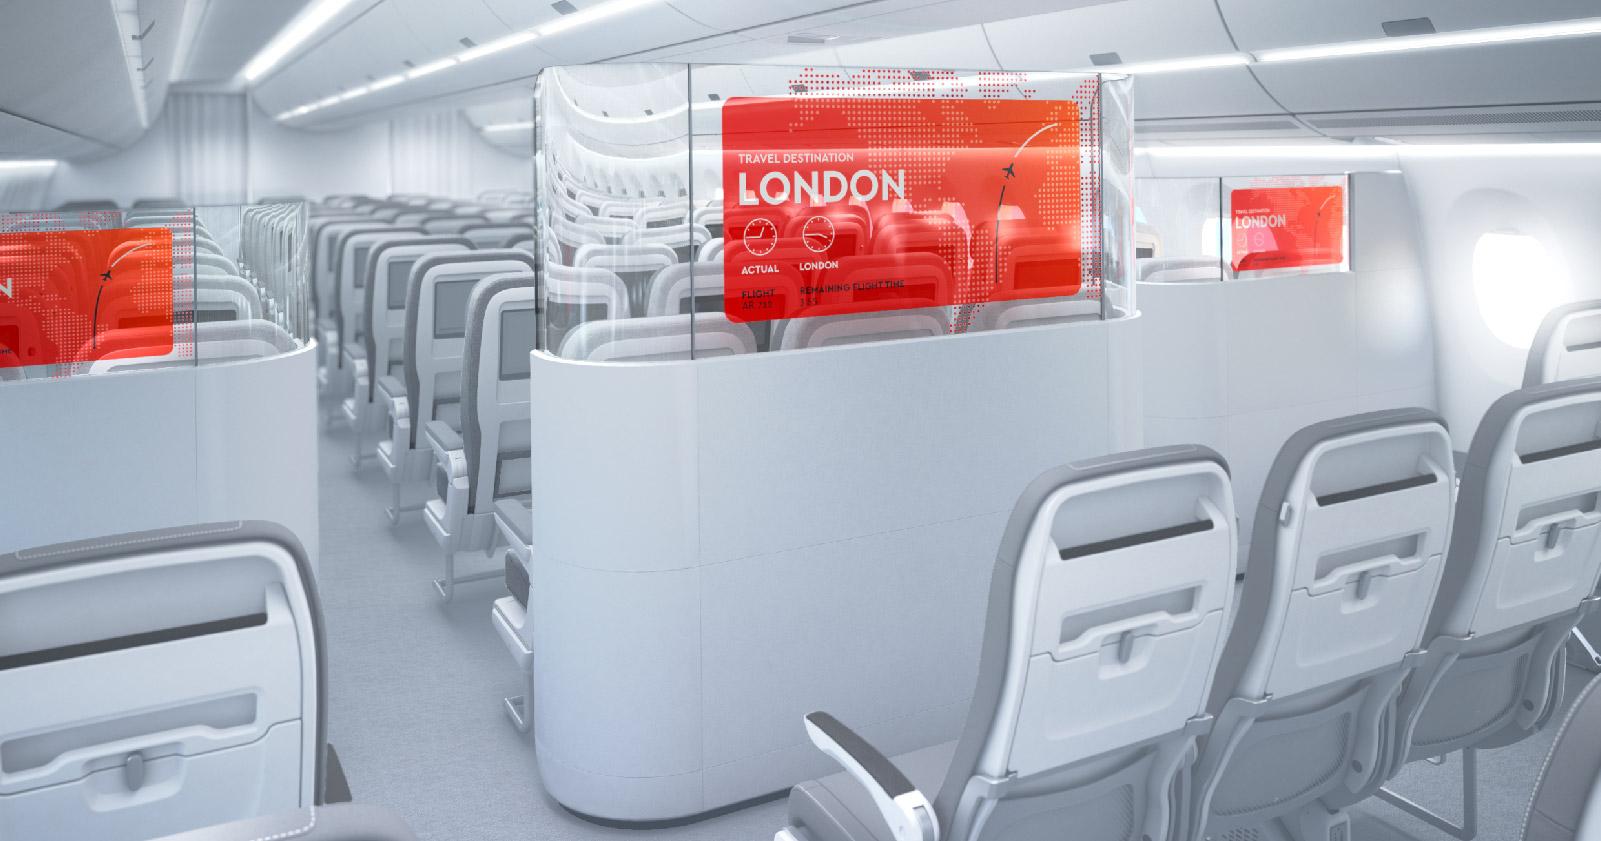 Transparent Cabin Divider featured on apex.aero